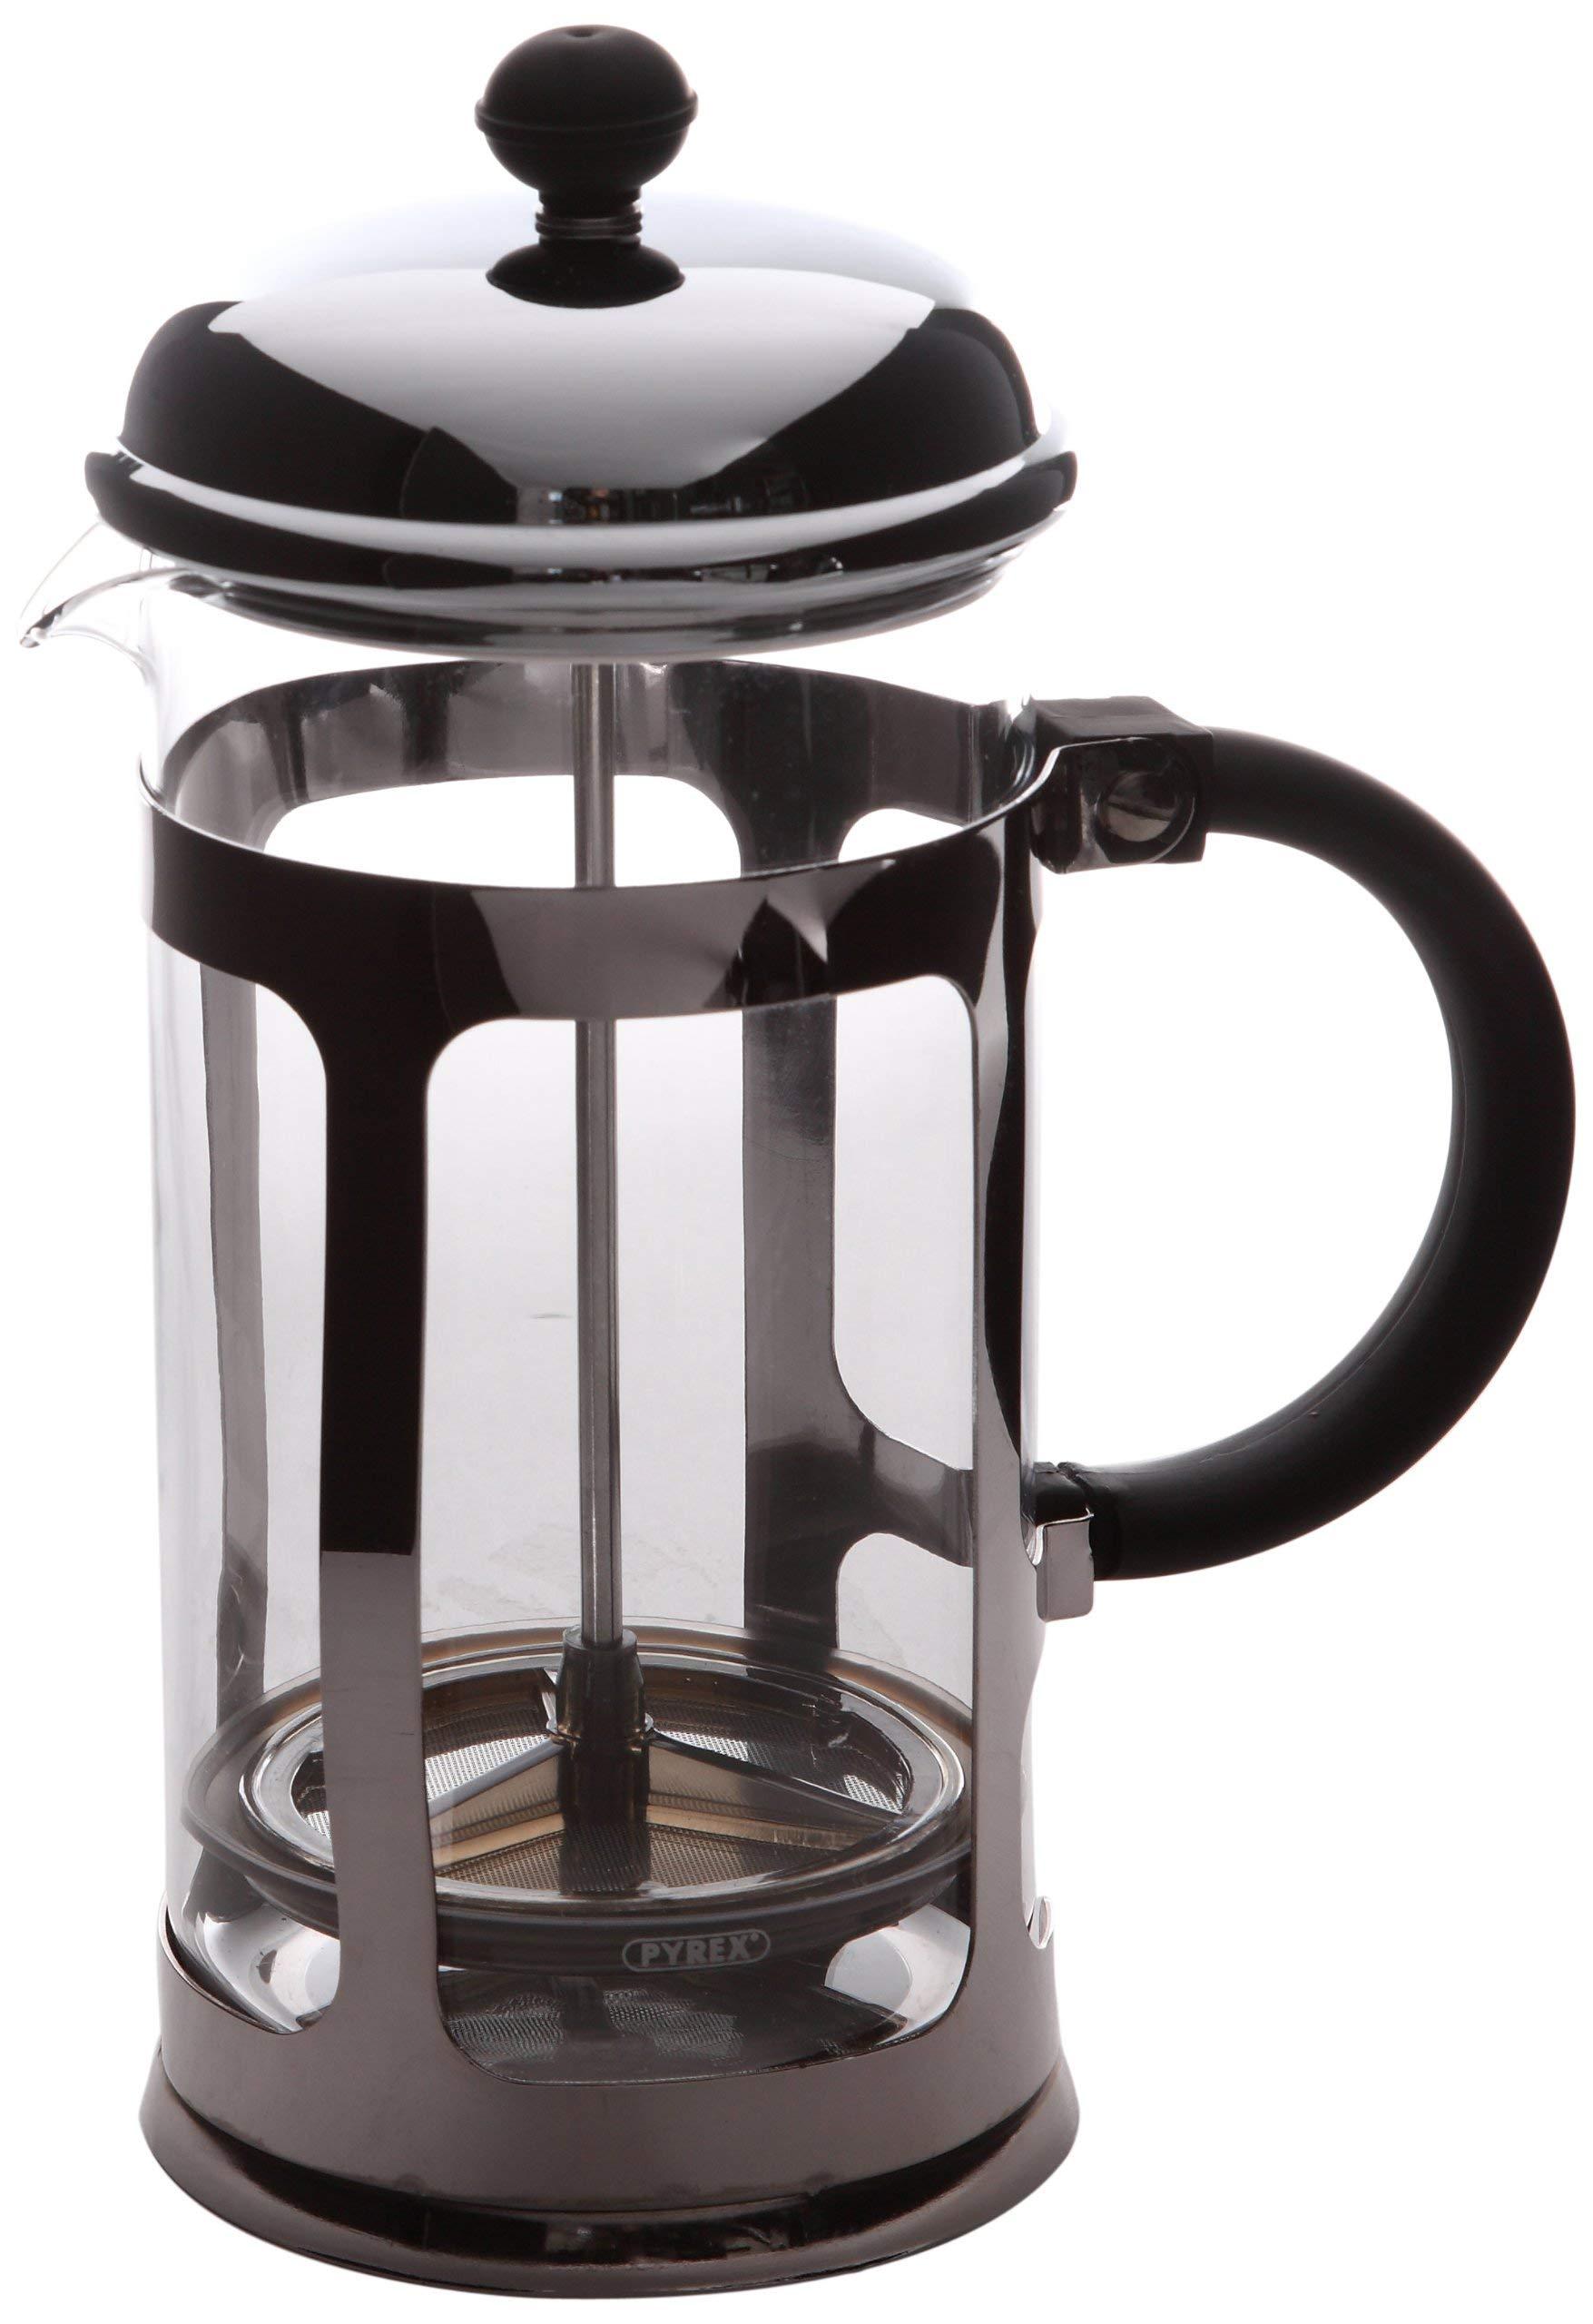 Lacor - 62180 - Cafetera Cristal 0.80 Litros: Amazon.es: Hogar